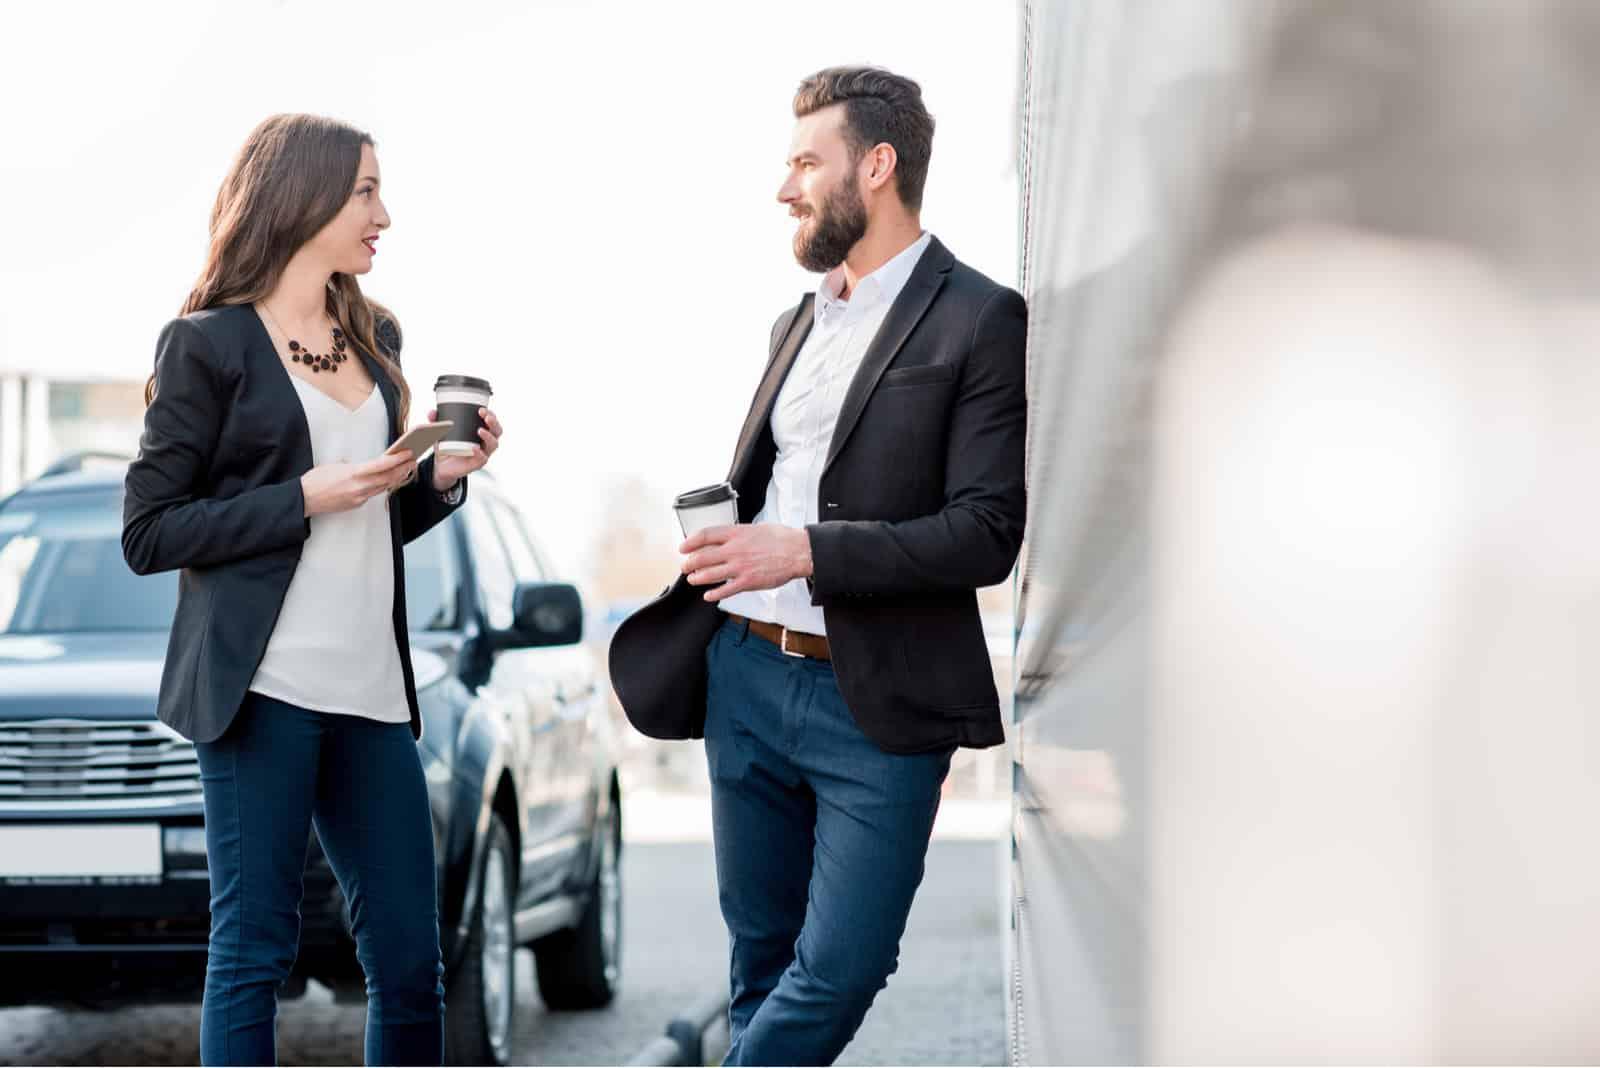 un homme et une femme se tiennent dans la rue et parlent